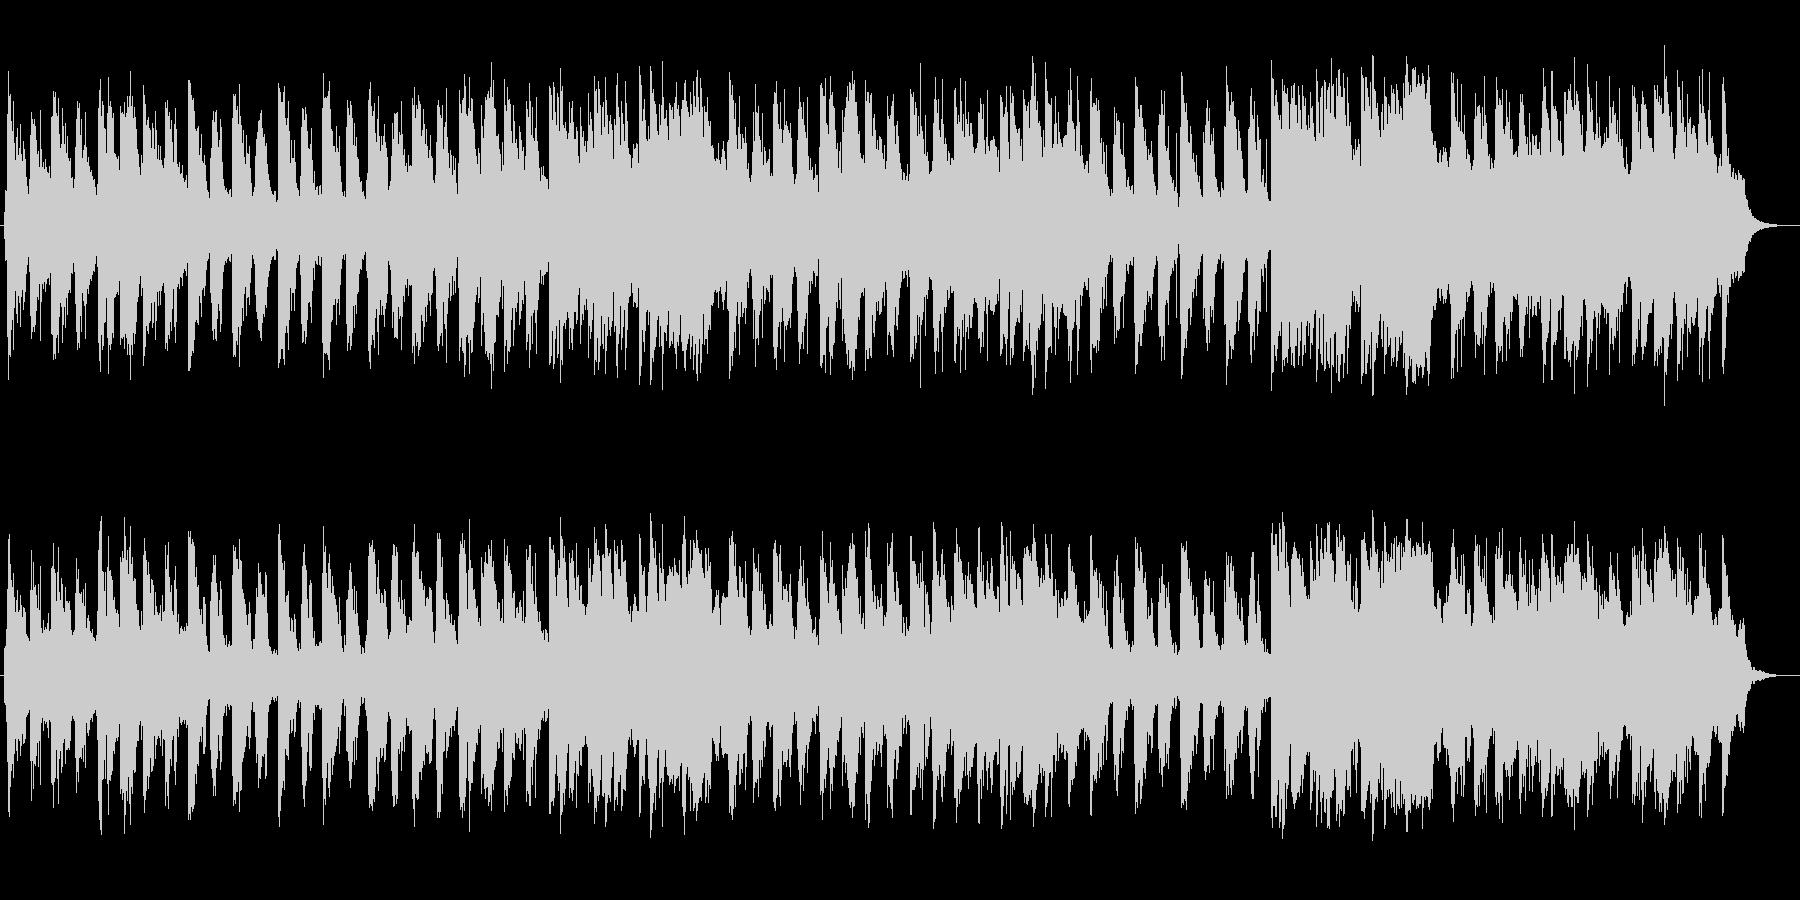 優しく爽やかなシンセサイザーサウンドの未再生の波形